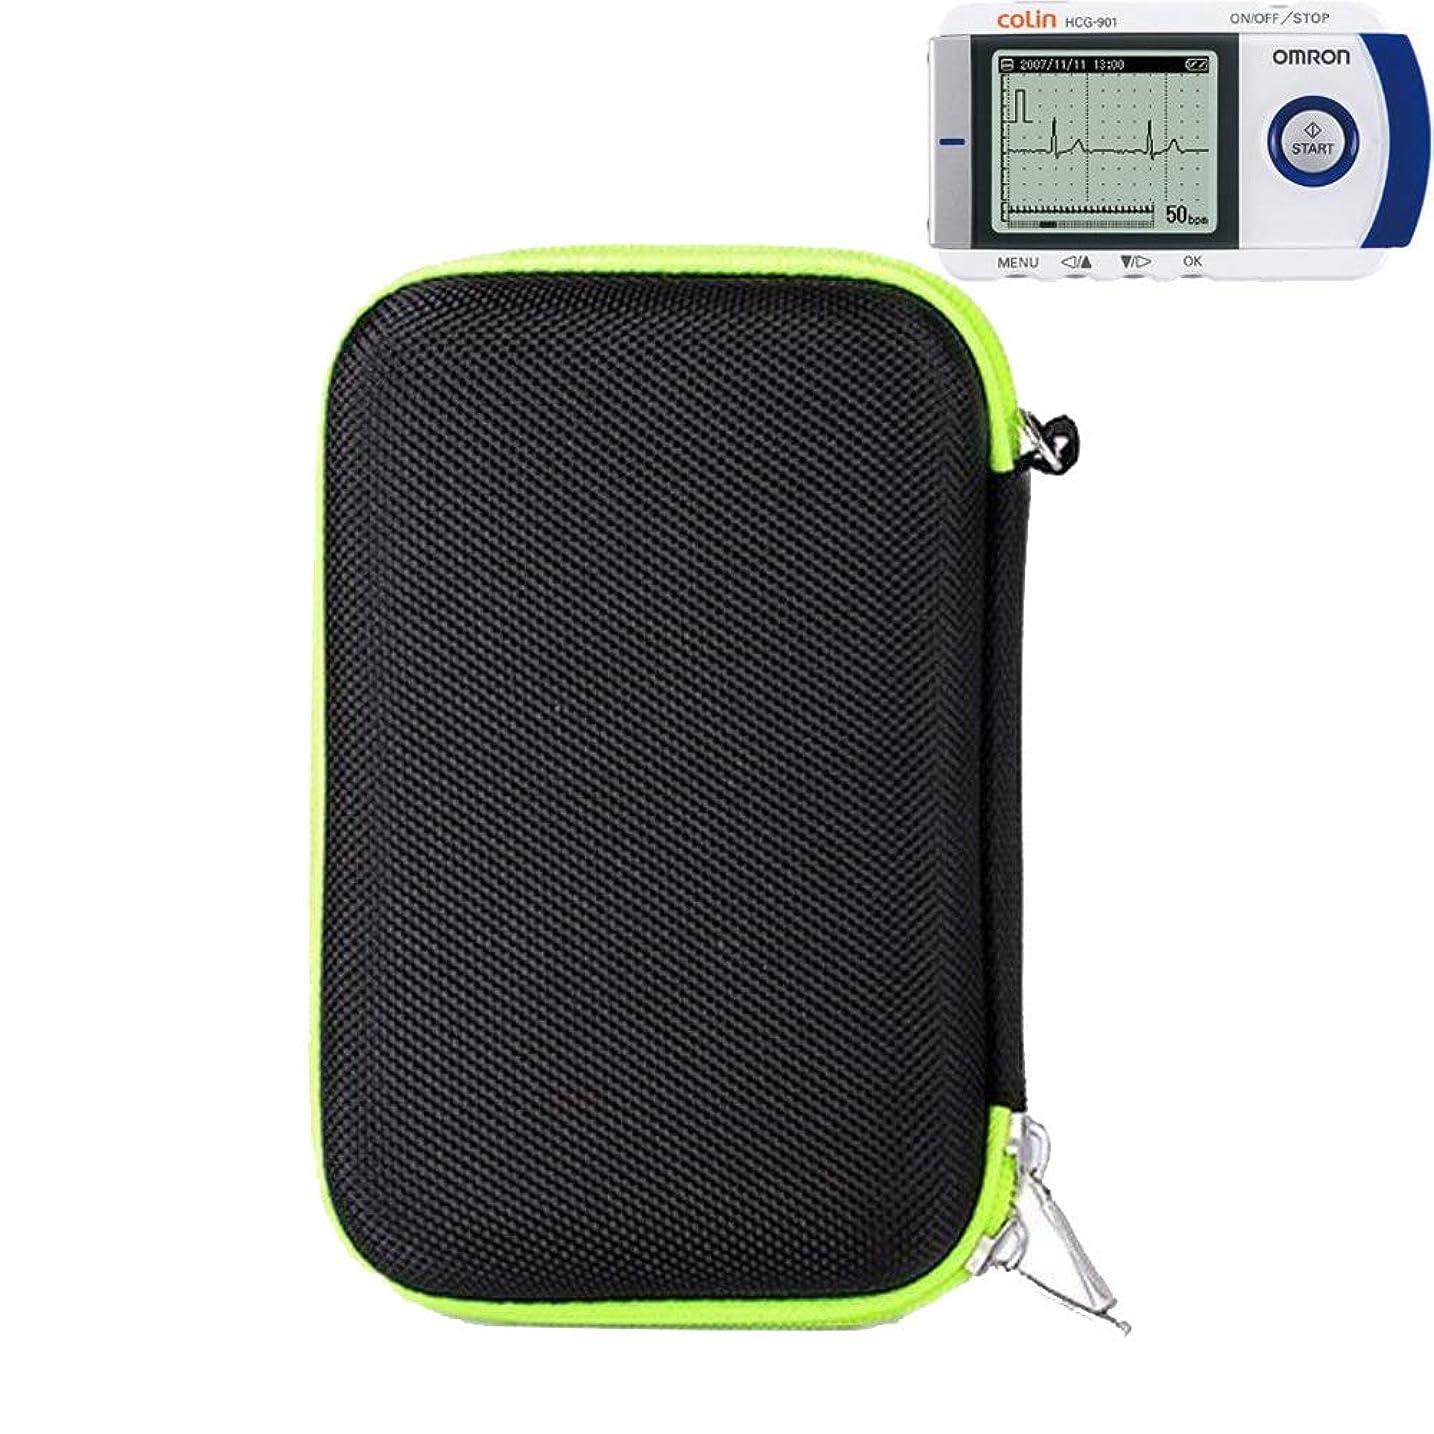 ほぼ合唱団費用オムロン 携帯型心電計 HCG-801 / 携帯型心電計 HCG-901 専用収納ケース- NiceCool